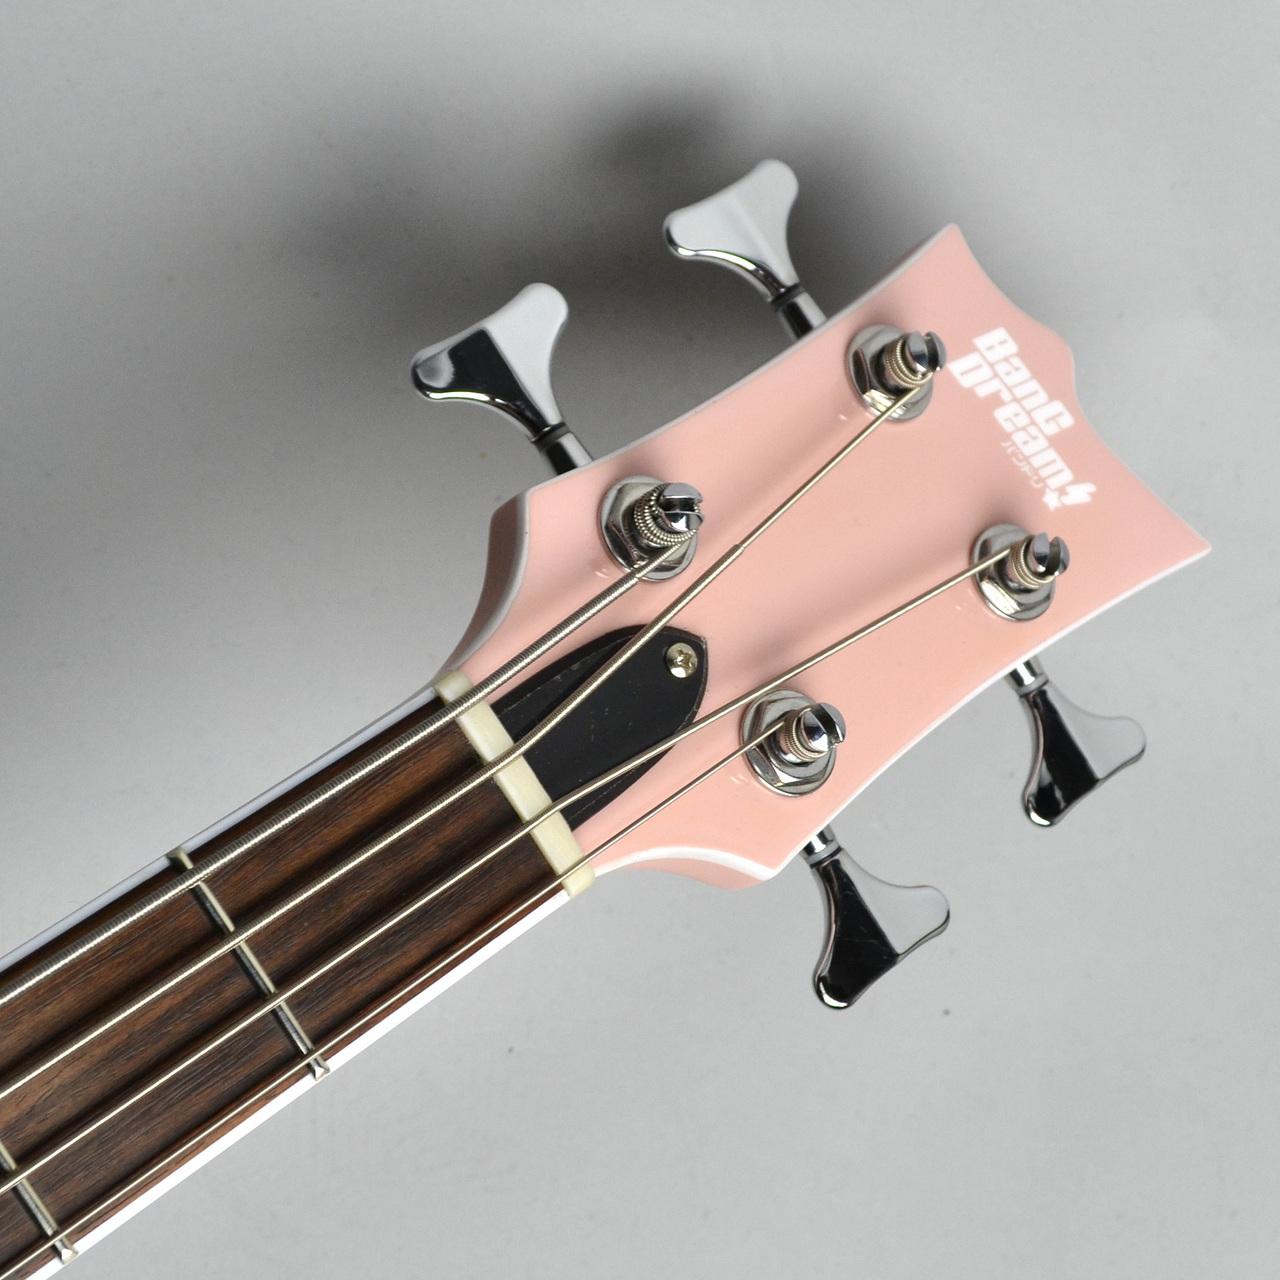 VIPER BASS Rimi ESP×バンドリ! ヴァイパーベース 牛込りみモデル ベースのボディバック-アップ画像